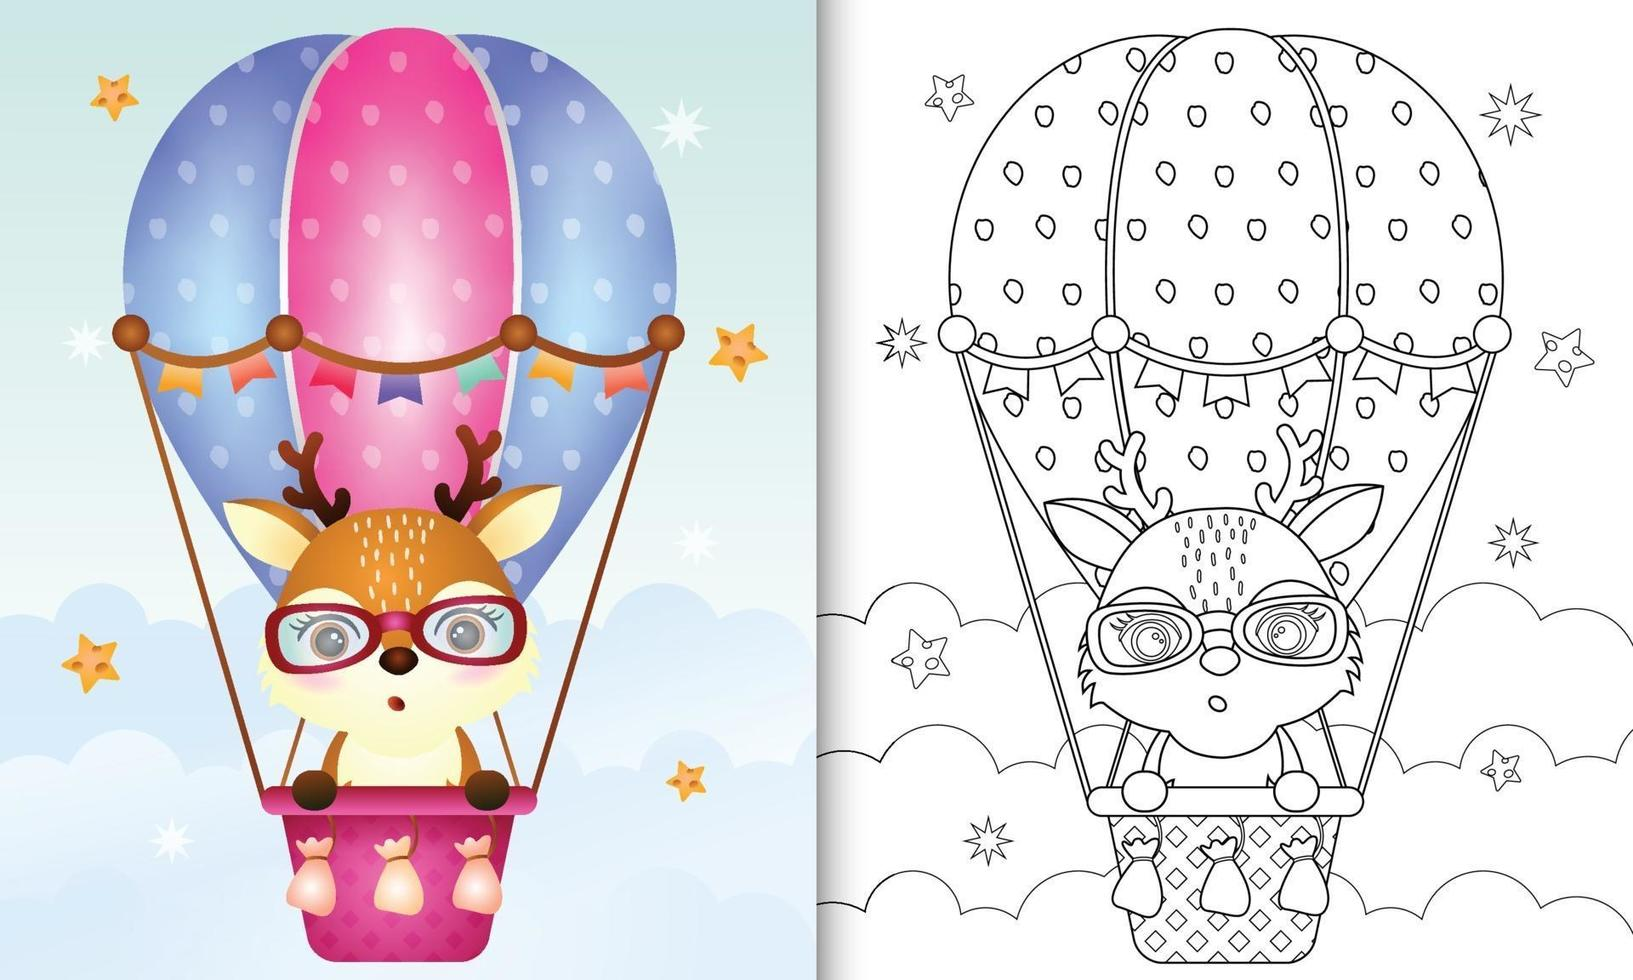 kleurboeksjabloon voor kinderen met een schattig hert op heteluchtballon vector